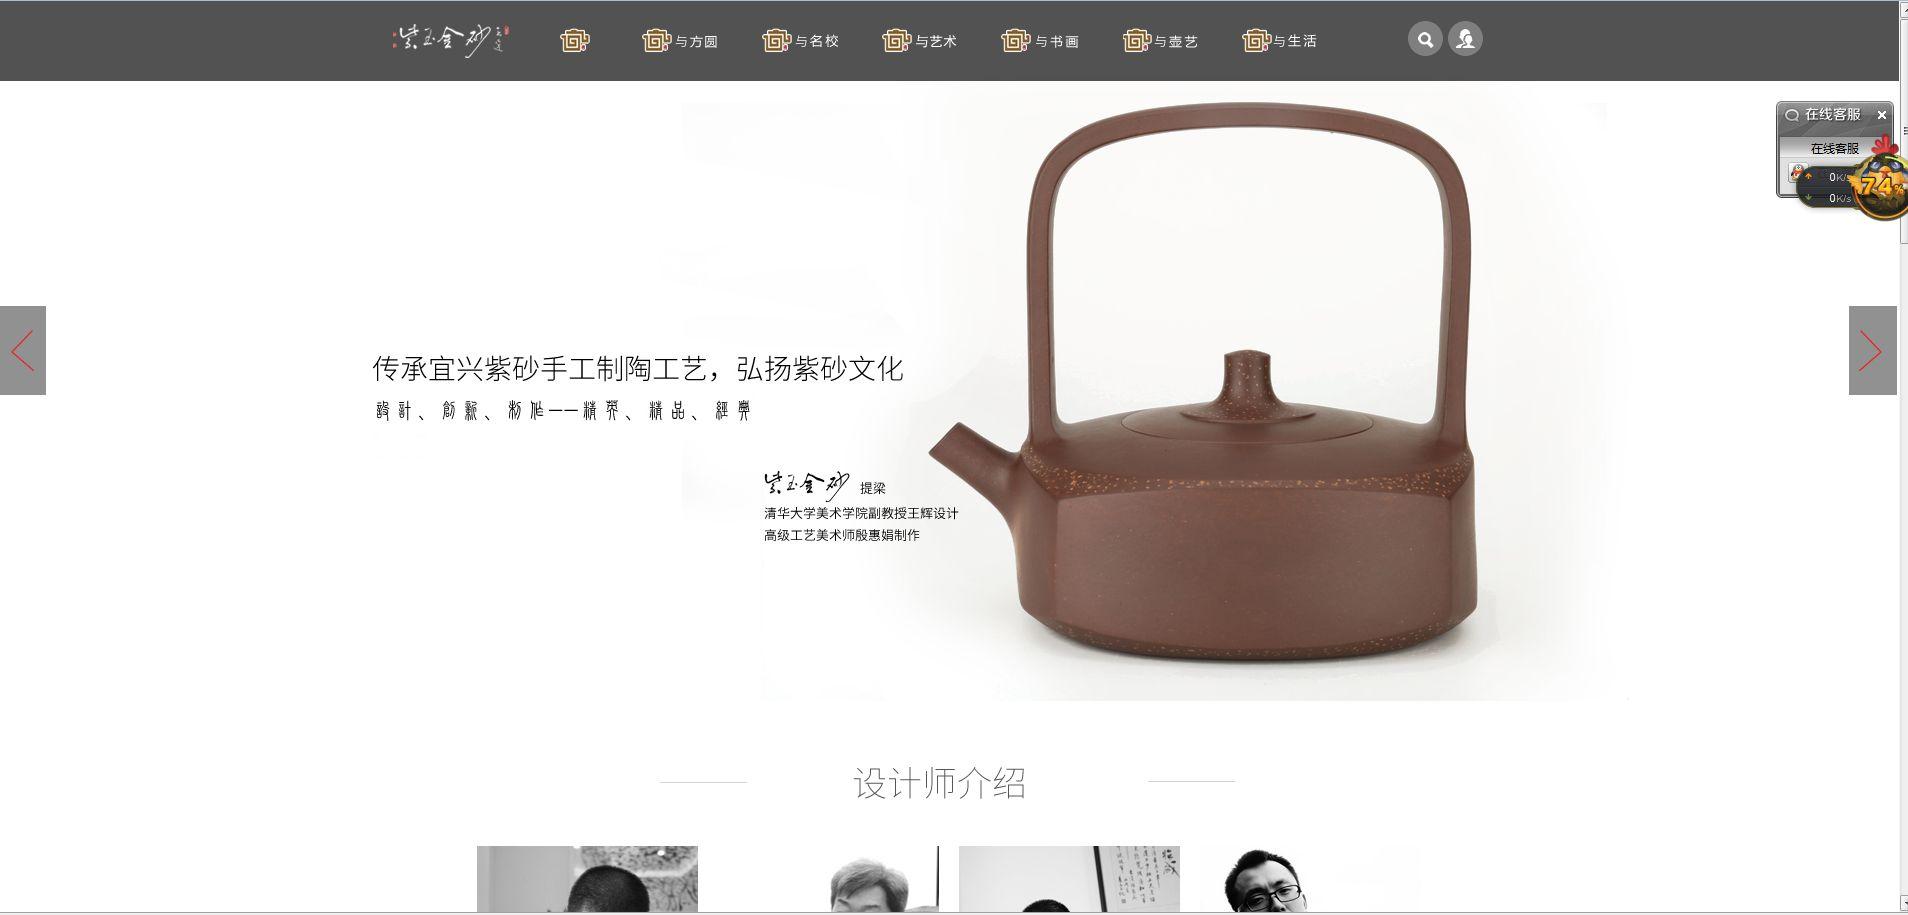 江苏紫玉金砂茶艺有限公司